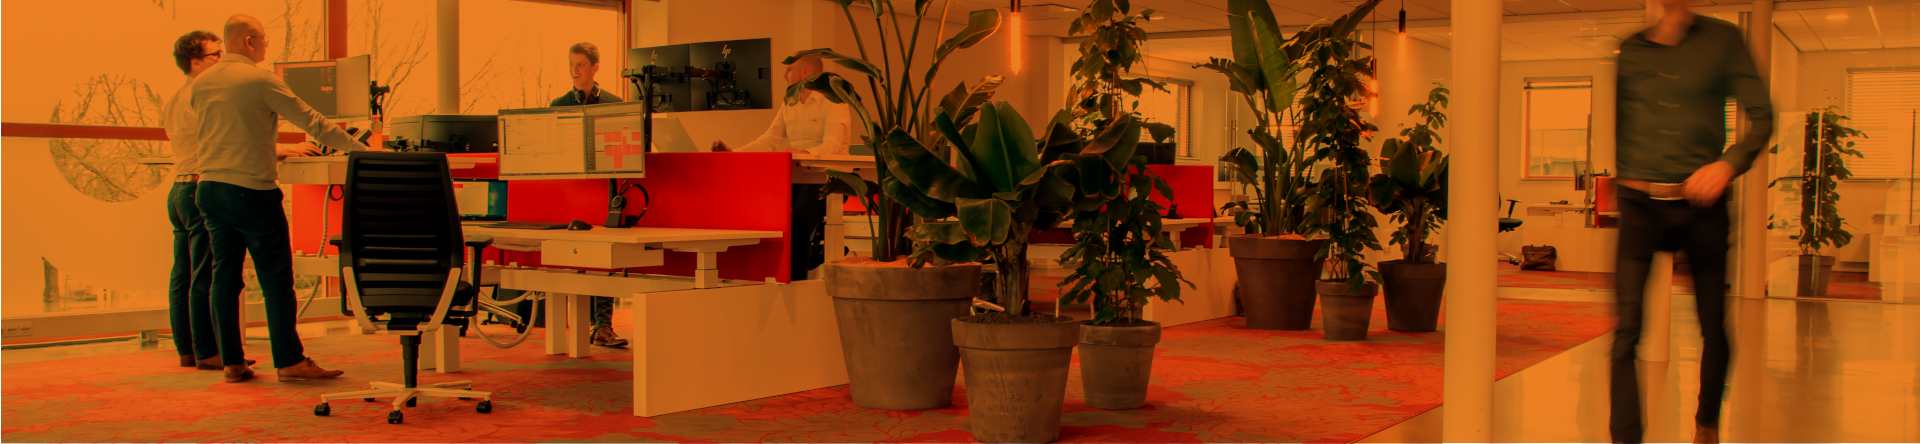 banner-kantoortuin-hupraict